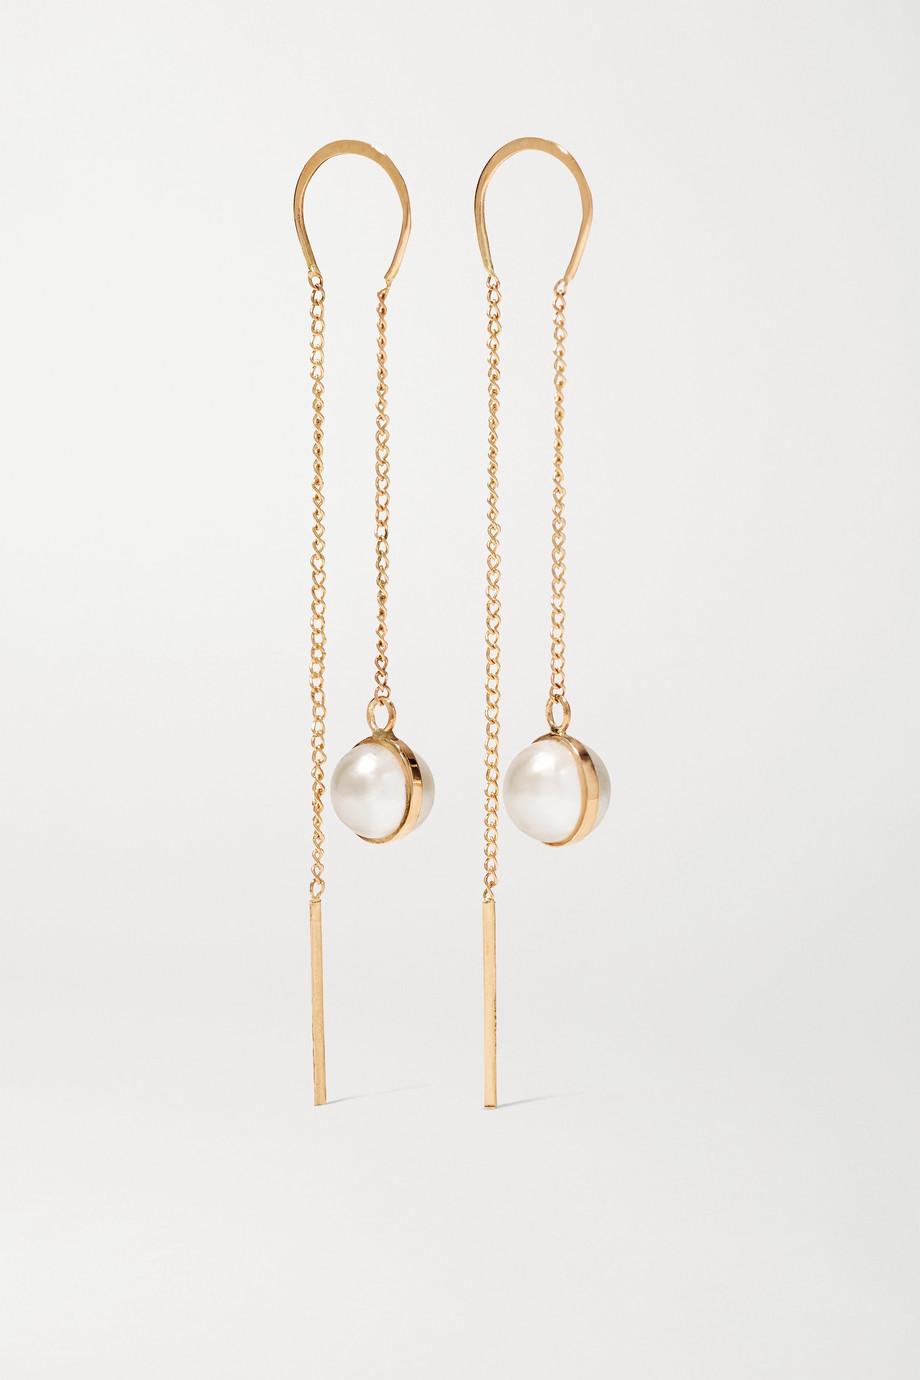 Melissa Joy Manning Ohrringe aus 14 Karat Gold mit Perlen